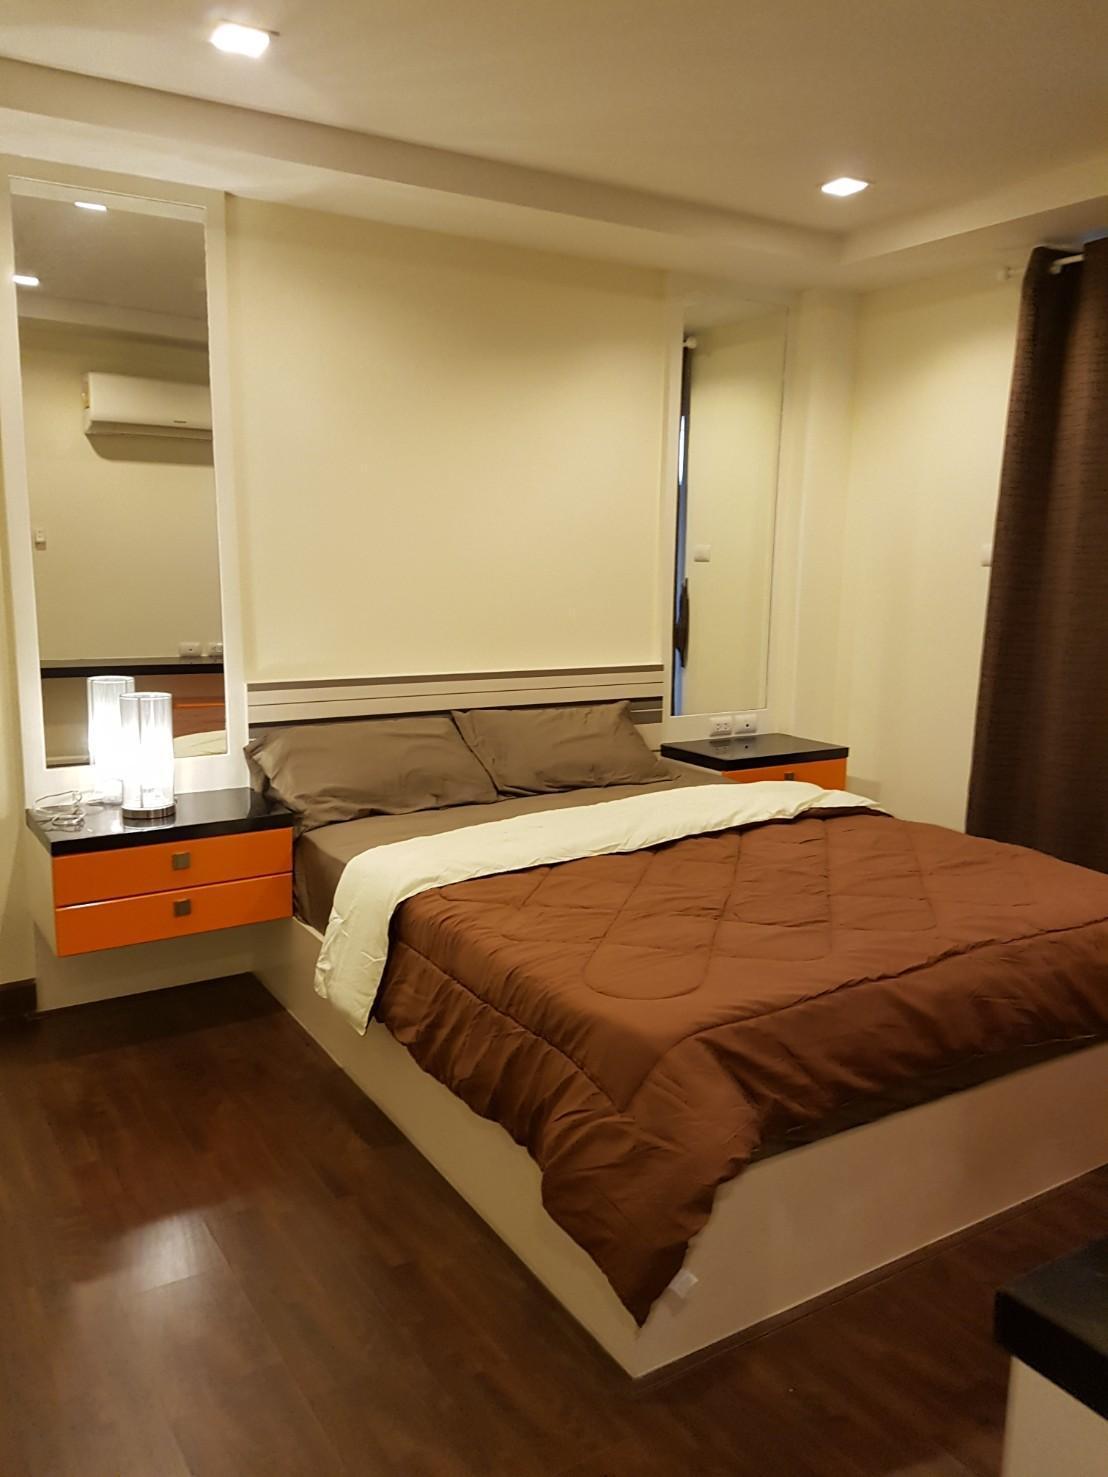 อพาร์ตเมนต์ 1 ห้องนอน 1 ห้องน้ำส่วนตัว ขนาด 51 ตร.ม. – บางแสน